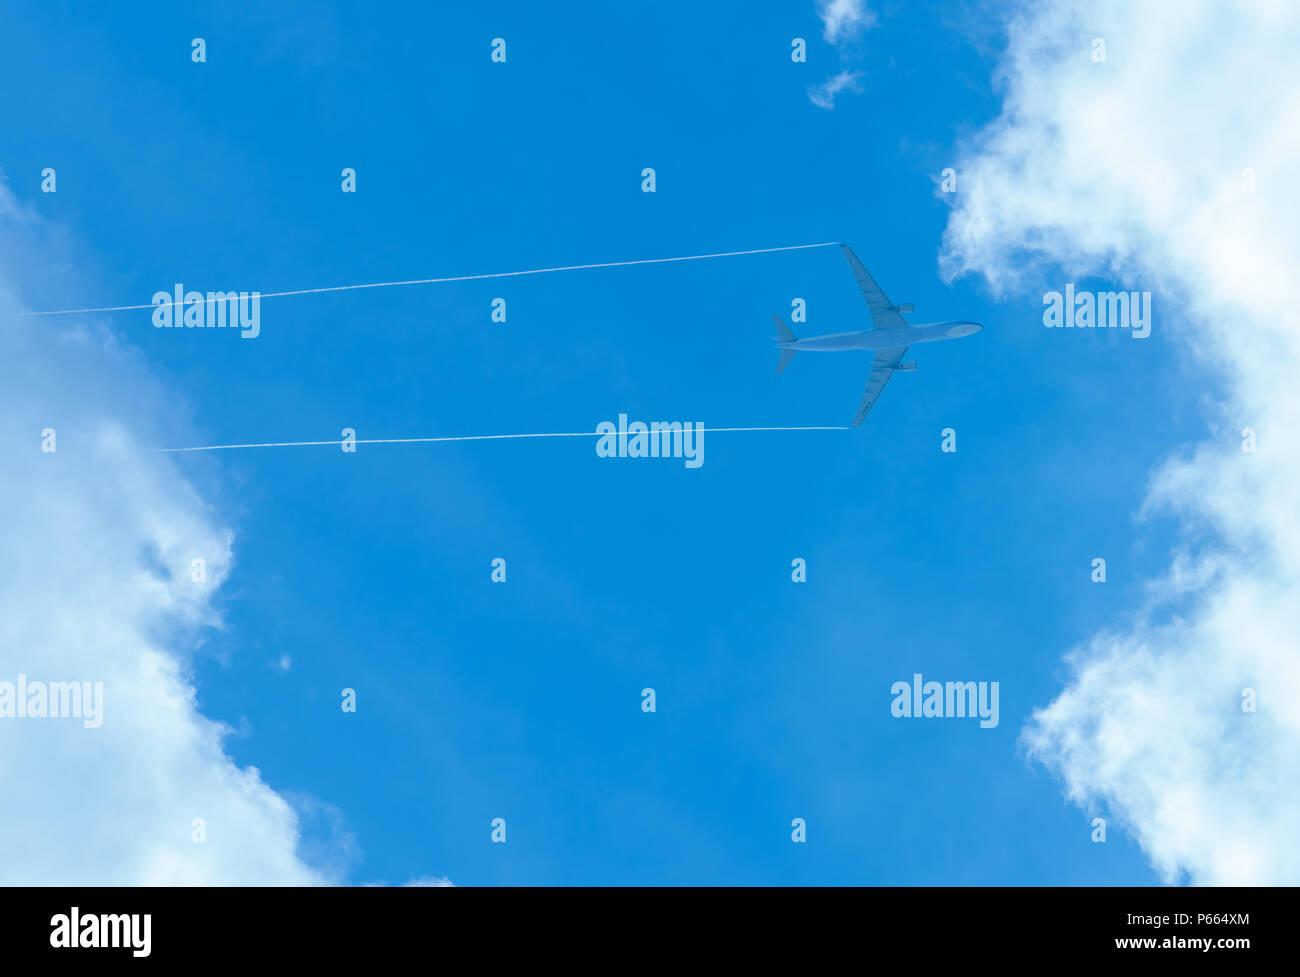 Avión en el cielo azul y las nubes blancas. Avión comercial volando en el cielo azul. Vuelo de viaje para las vacaciones. Transporte aéreo. Foto de stock